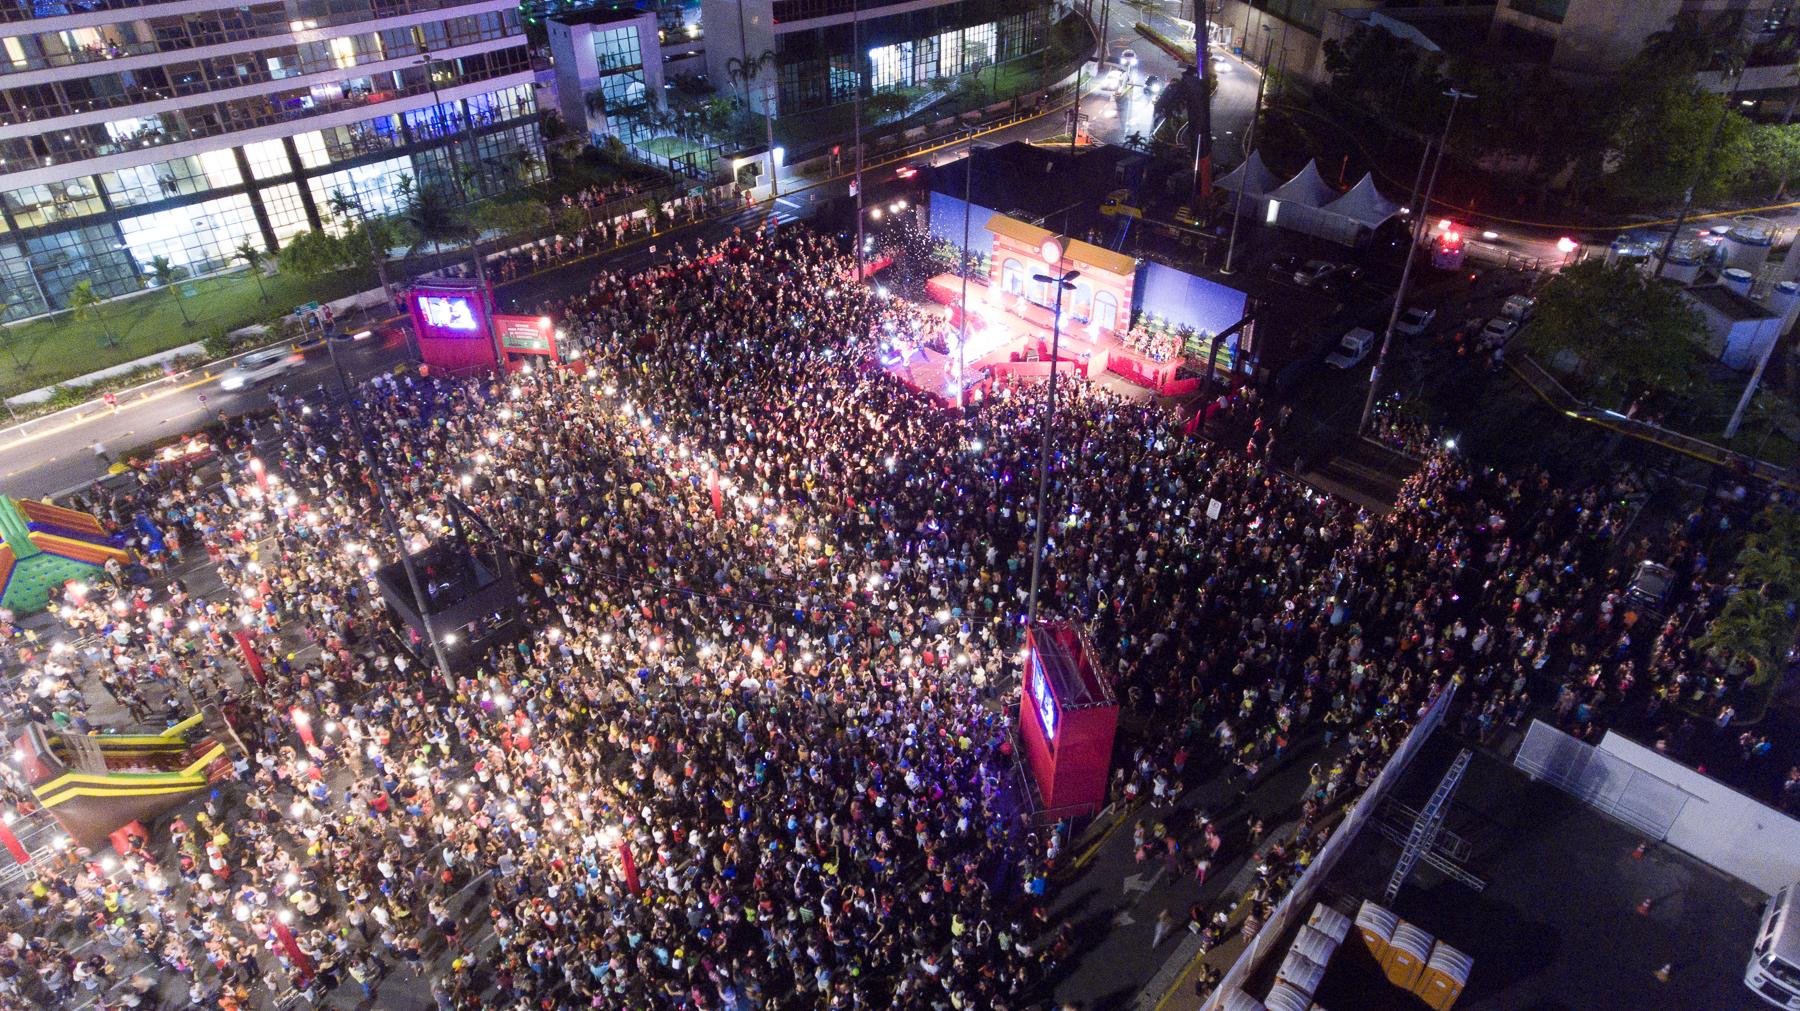 Olha a multidão!